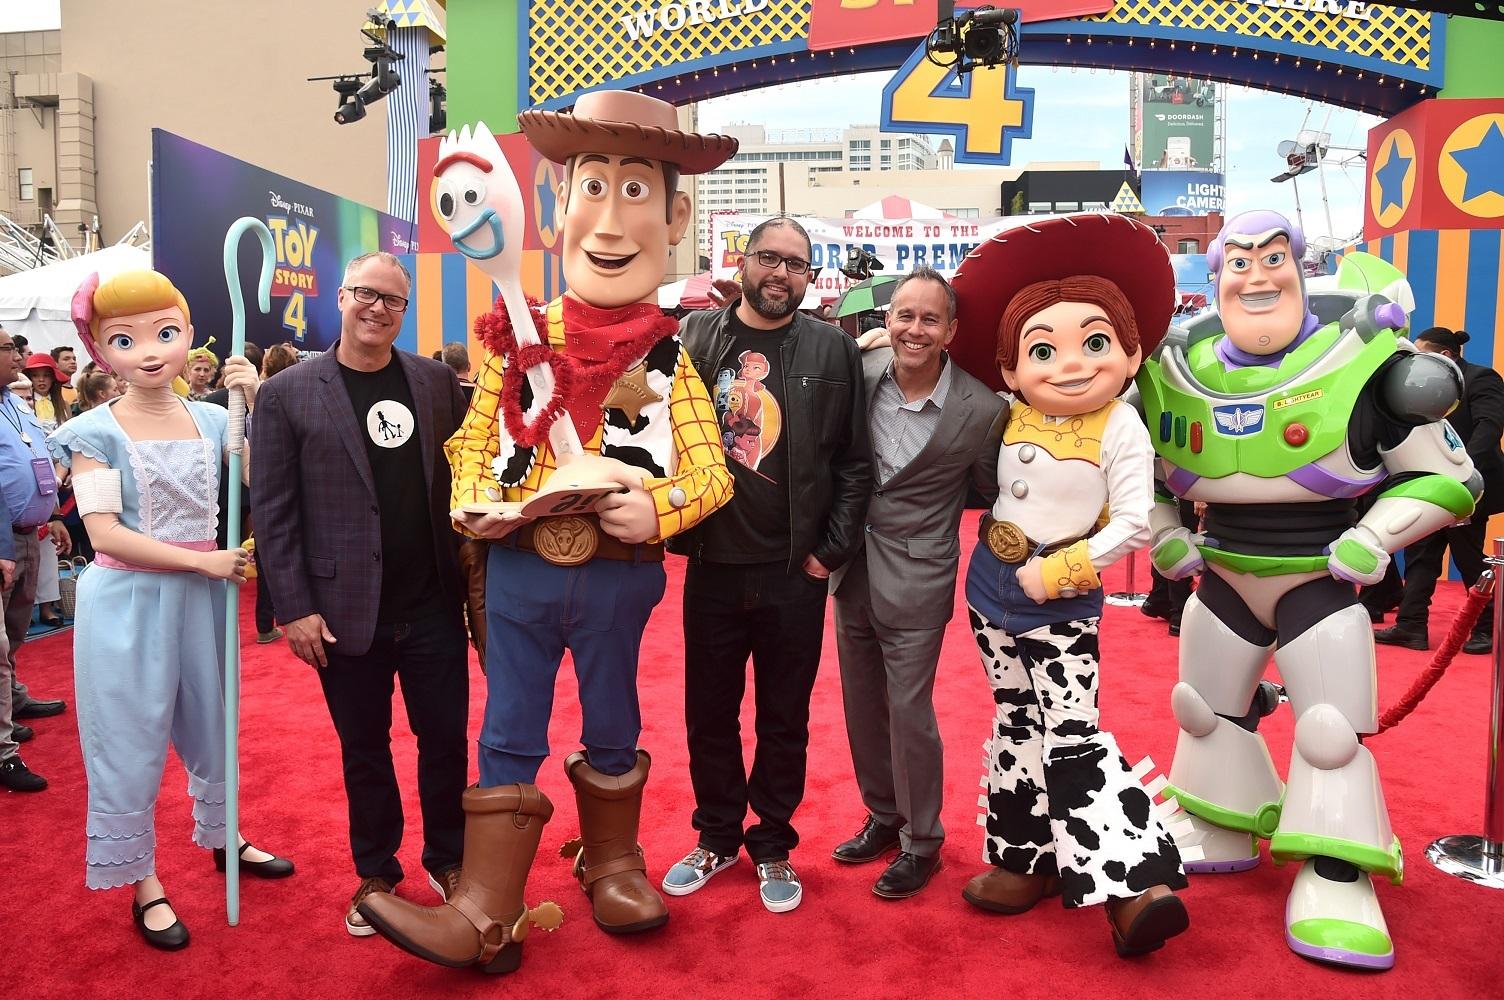 ジョシュ・クーリー監督(中央) (C)2019 Disney/Pixar. All Rights Reserved.